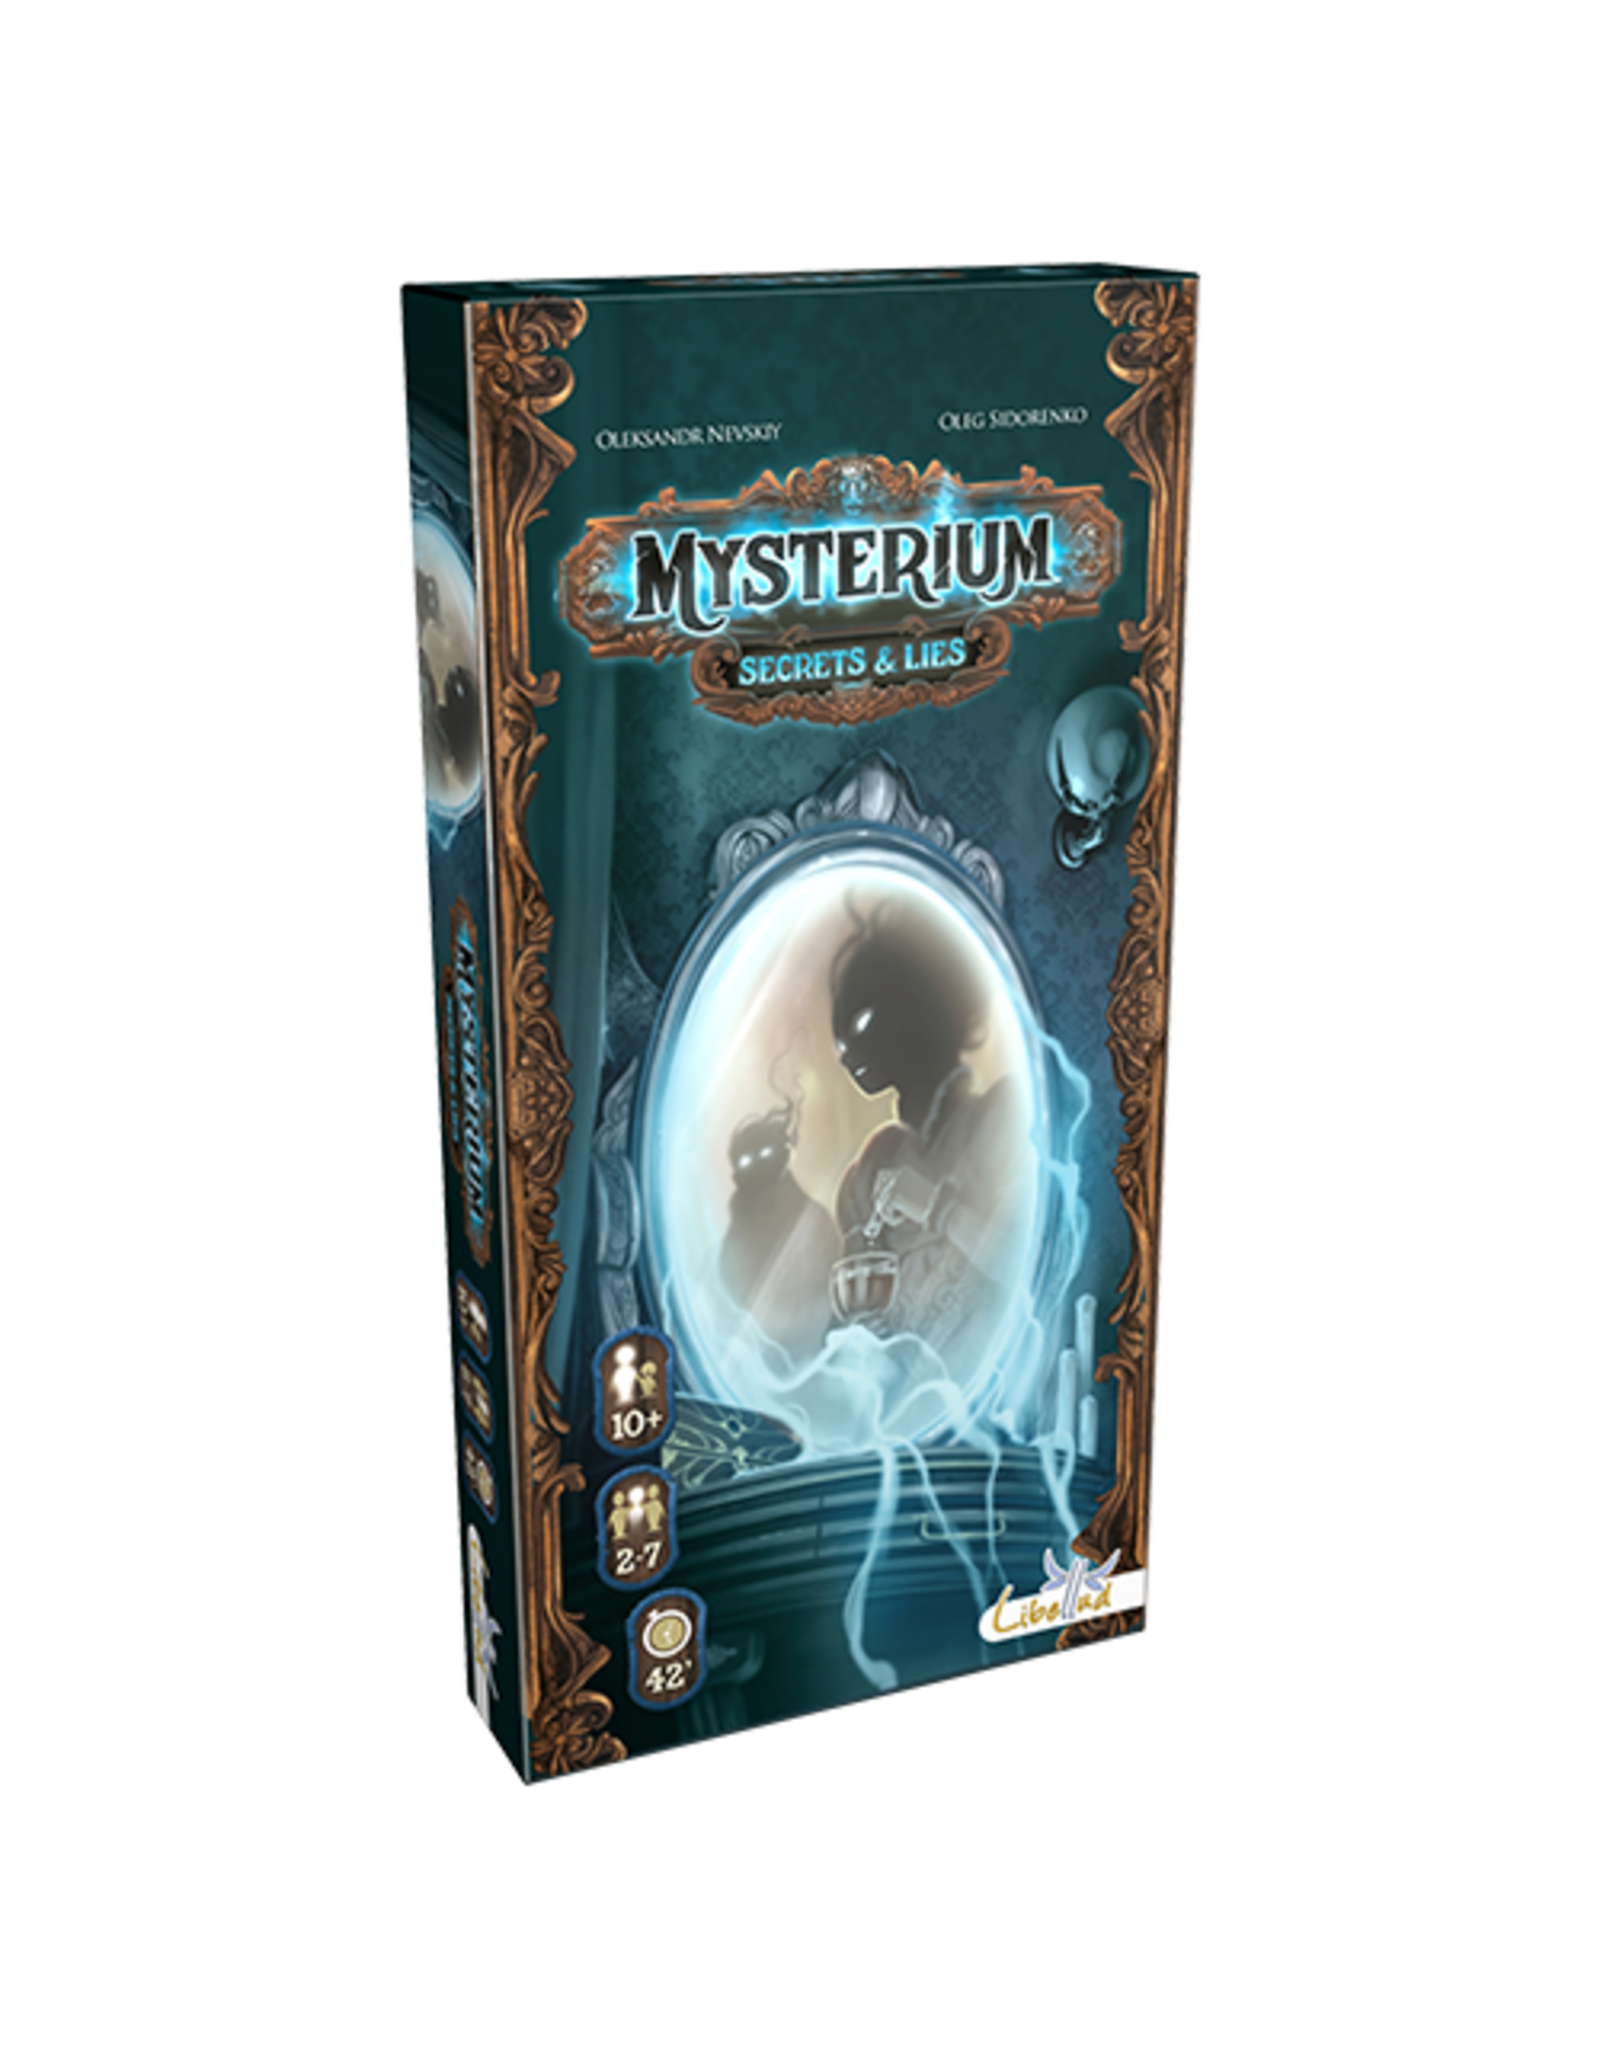 Libellud Mysterium: Secrets & Lies Expansion